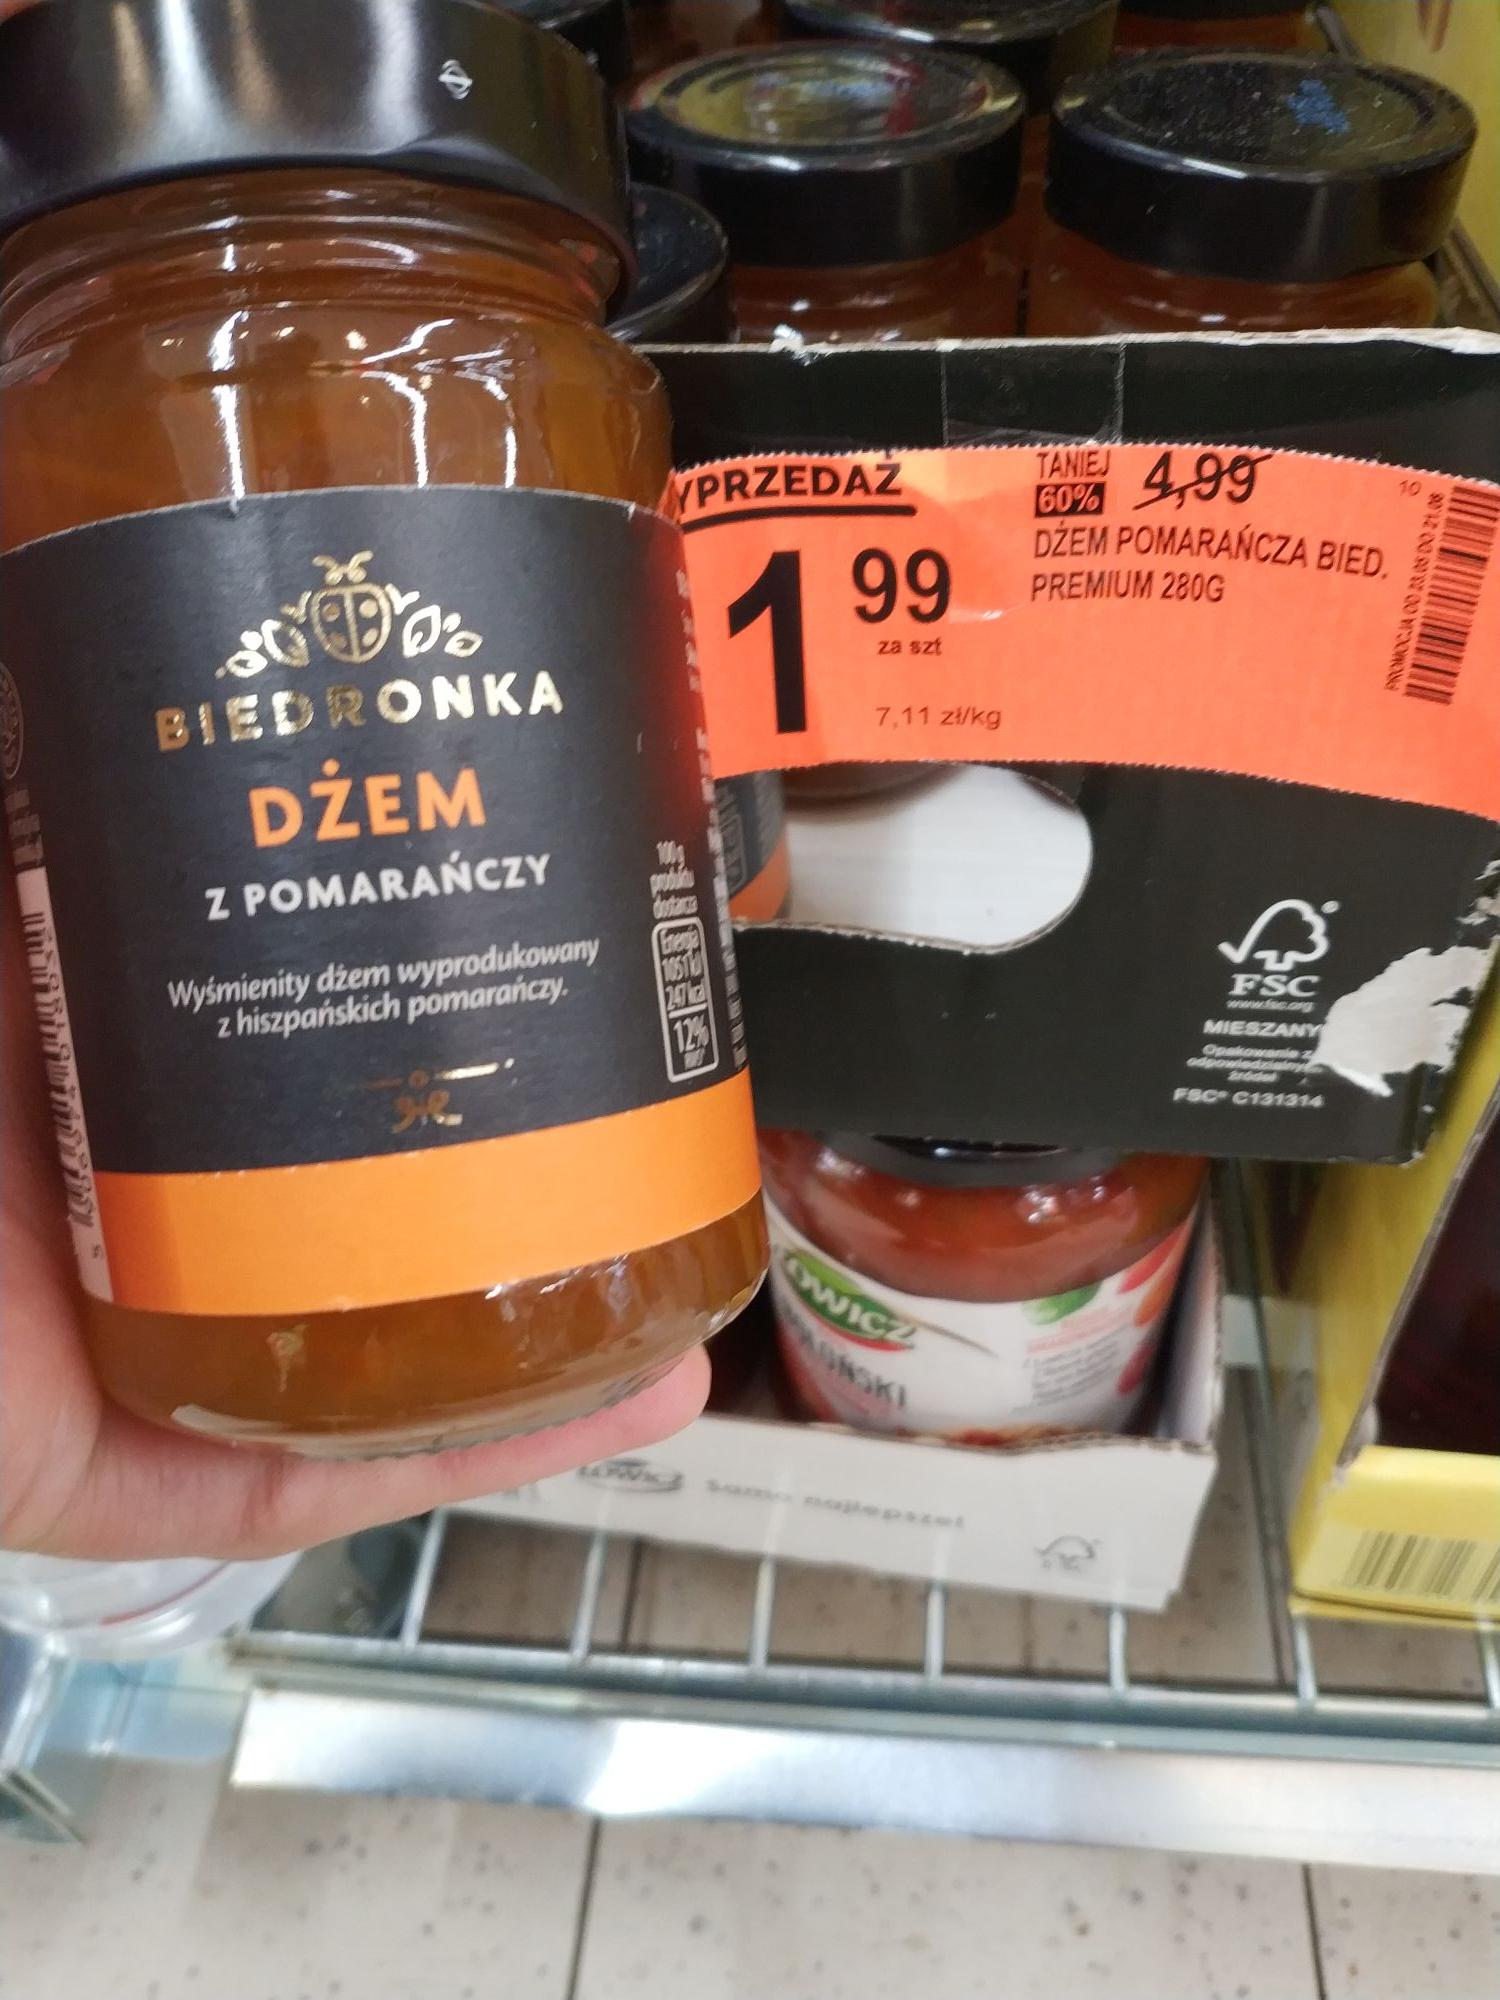 Biedronka dżem pomarańczowy premium